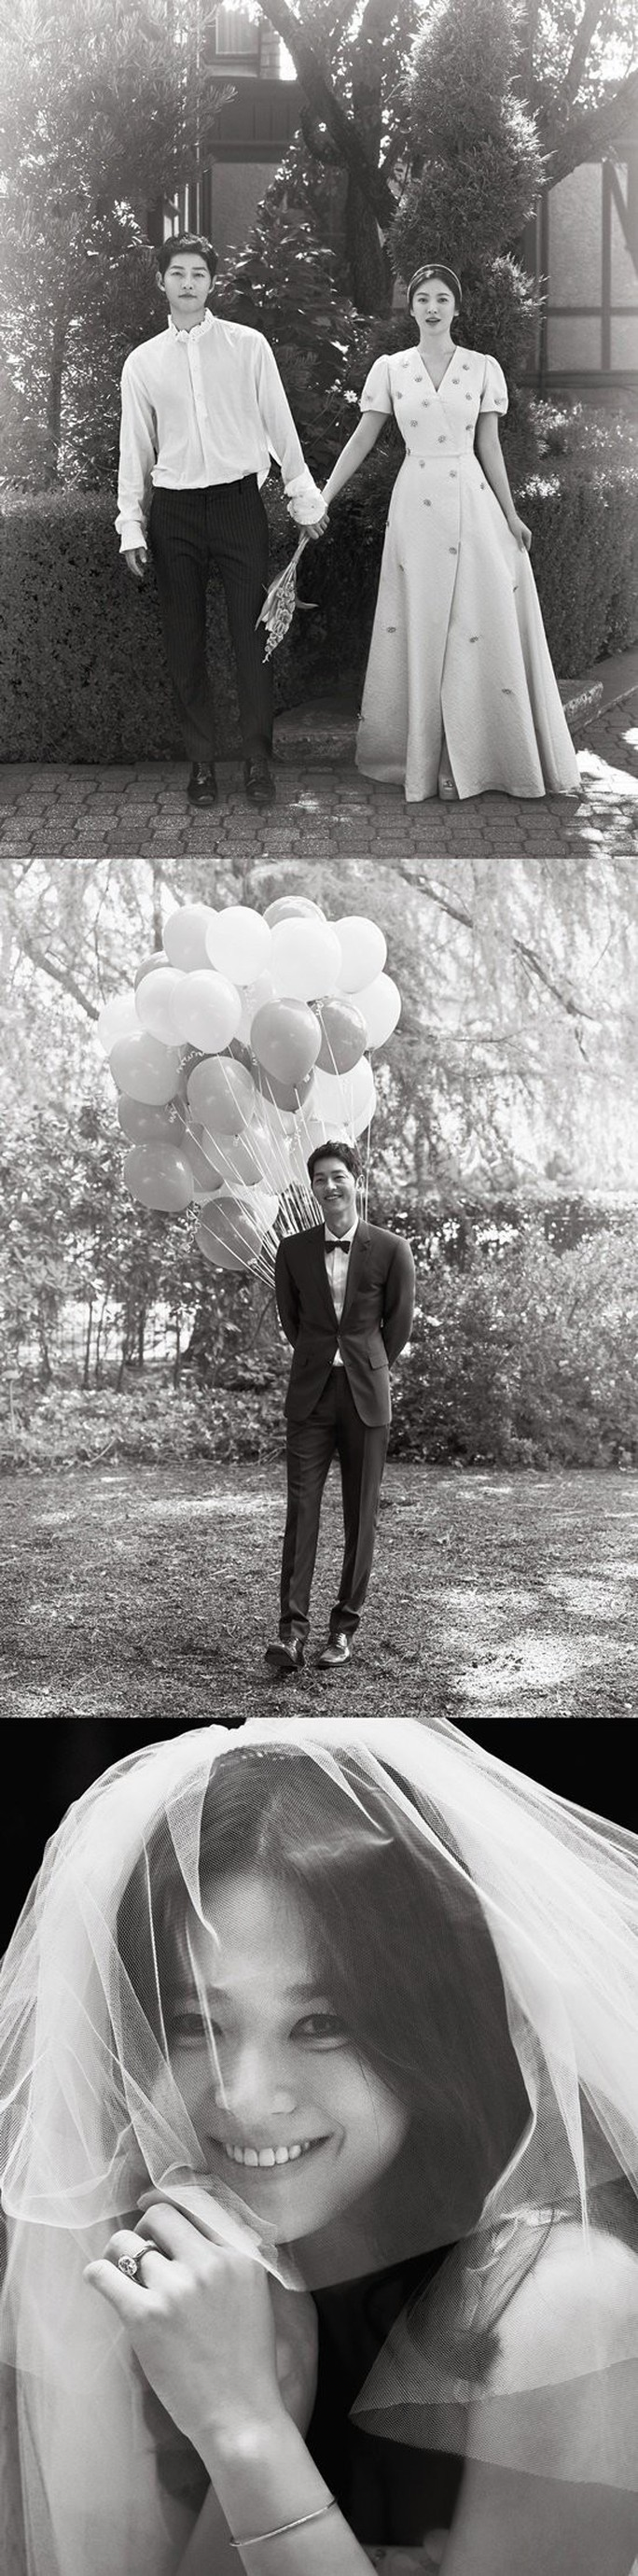 Song Hye Kyo và Song Joong Ki khoe ảnh cưới - Ảnh 2.